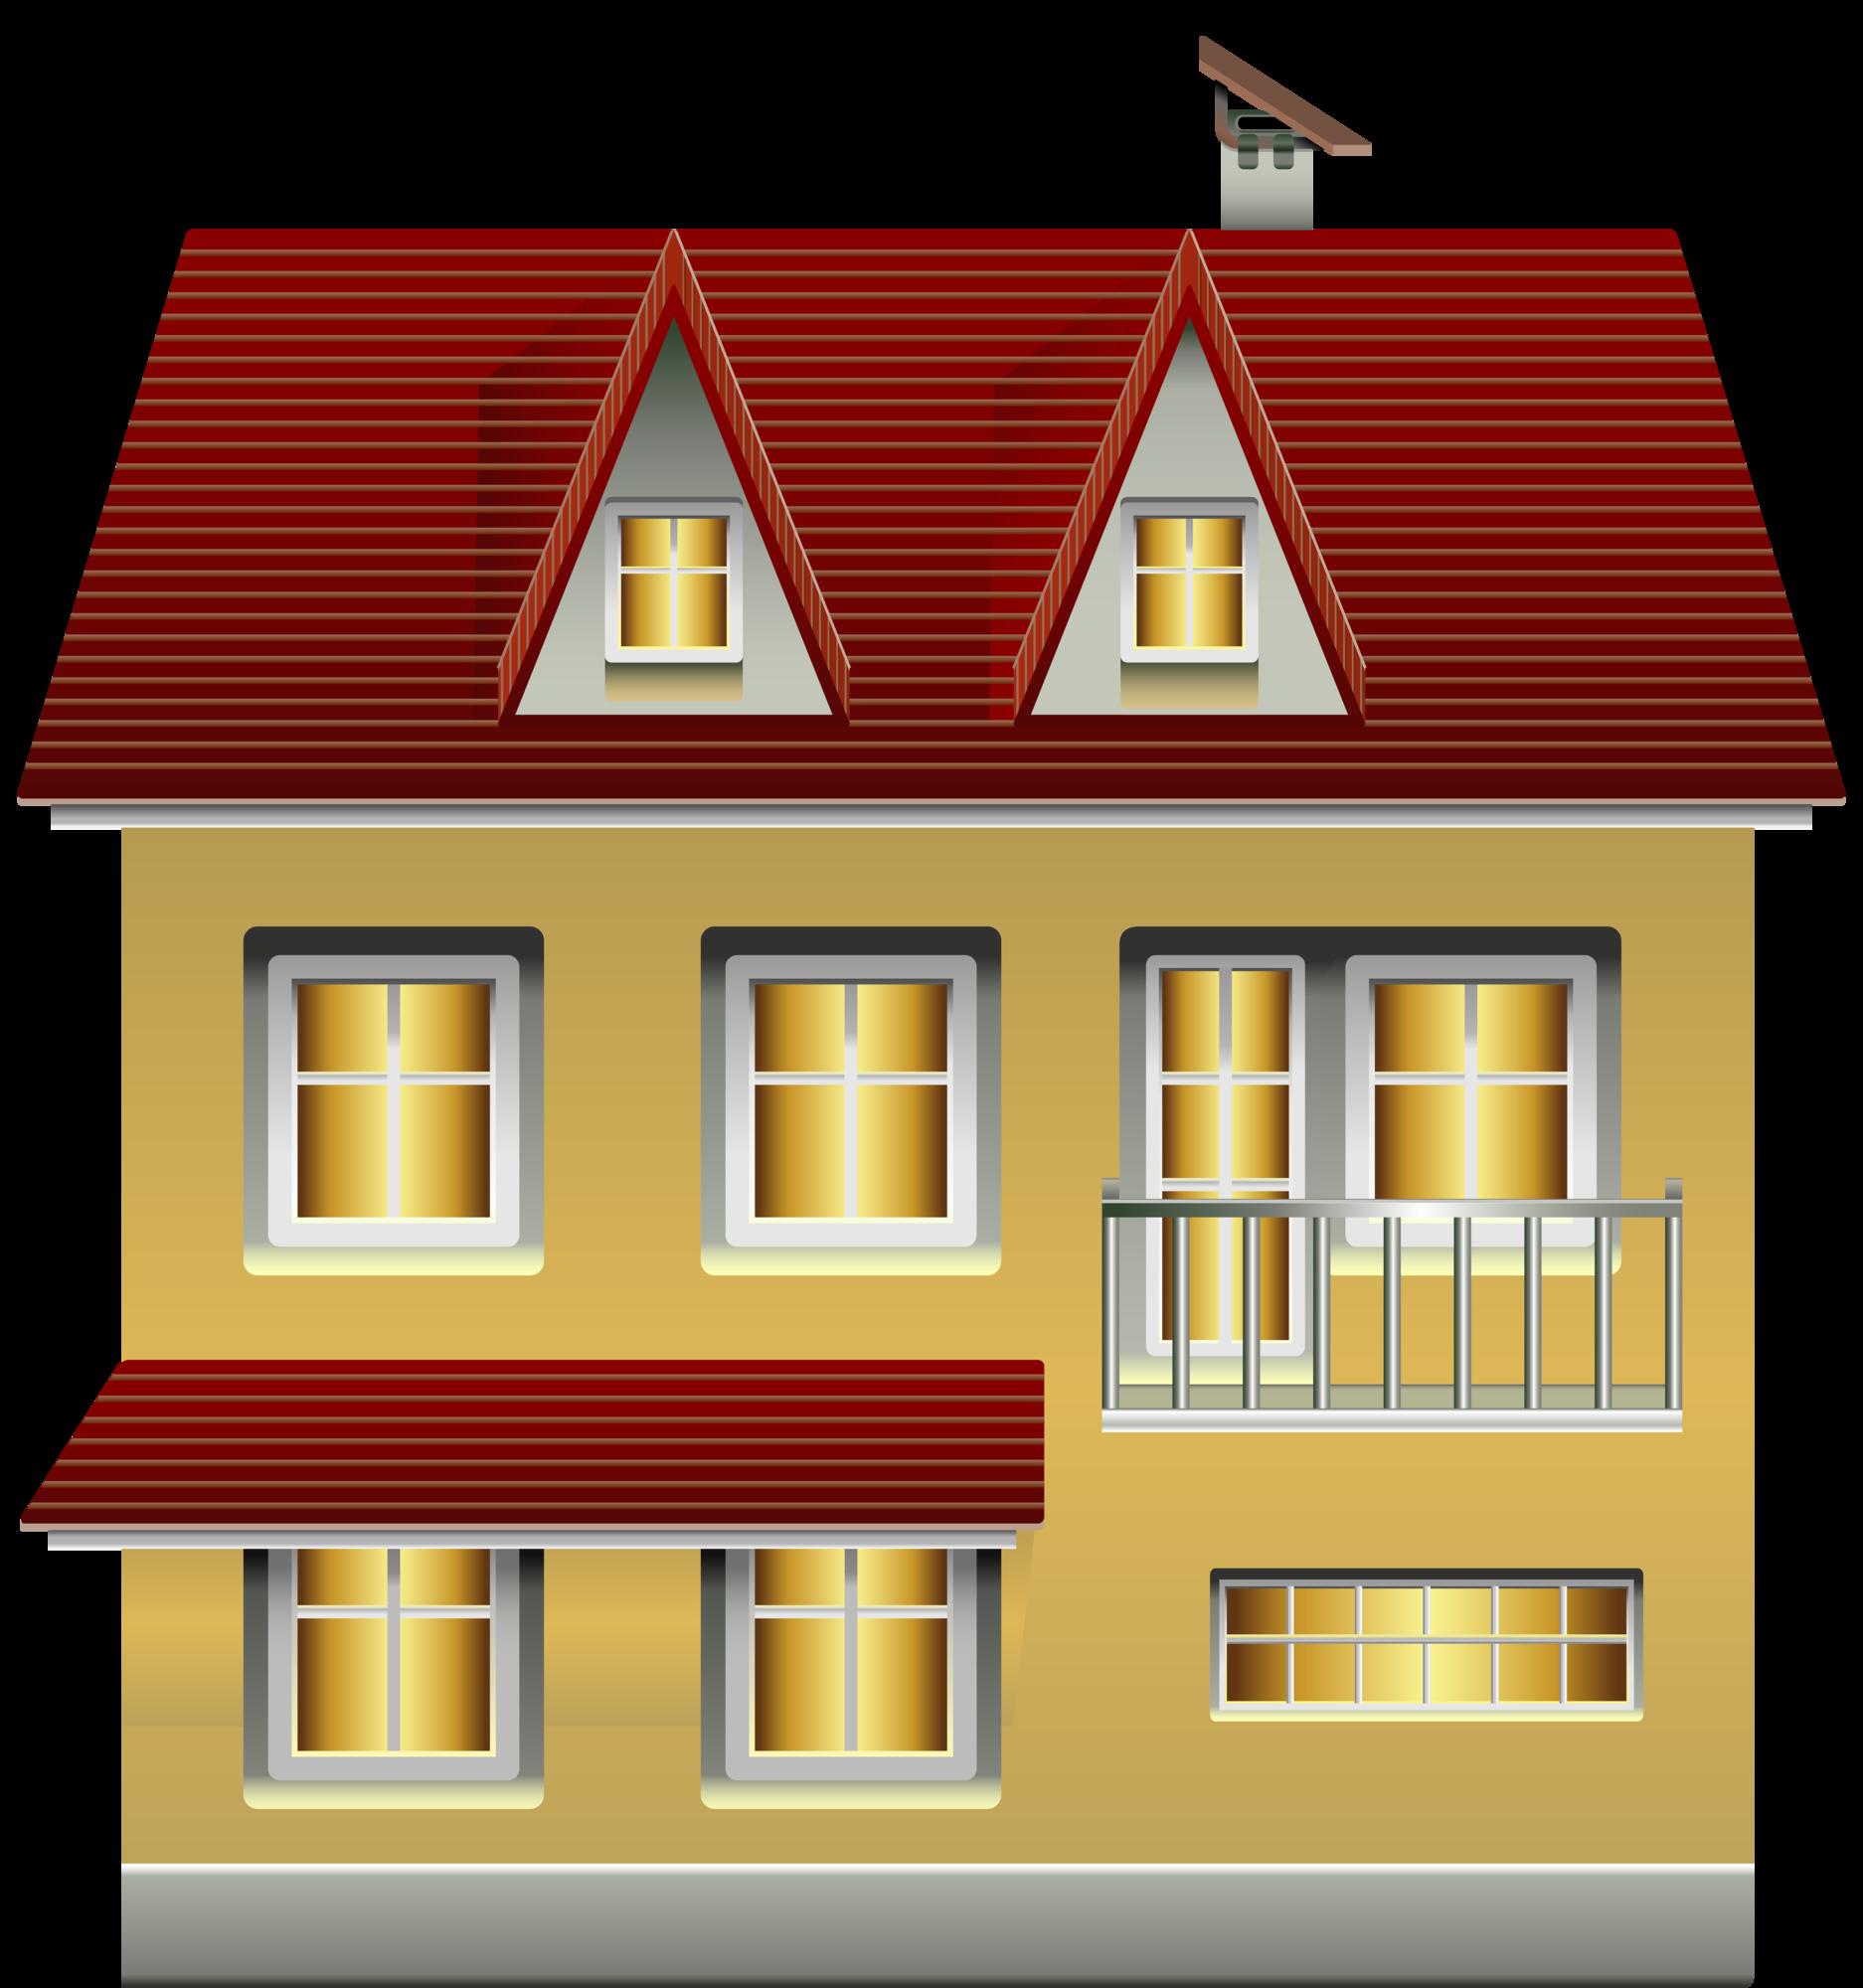 Clipart building a house image transparent stock Yellow House PNG Clip Art image transparent stock